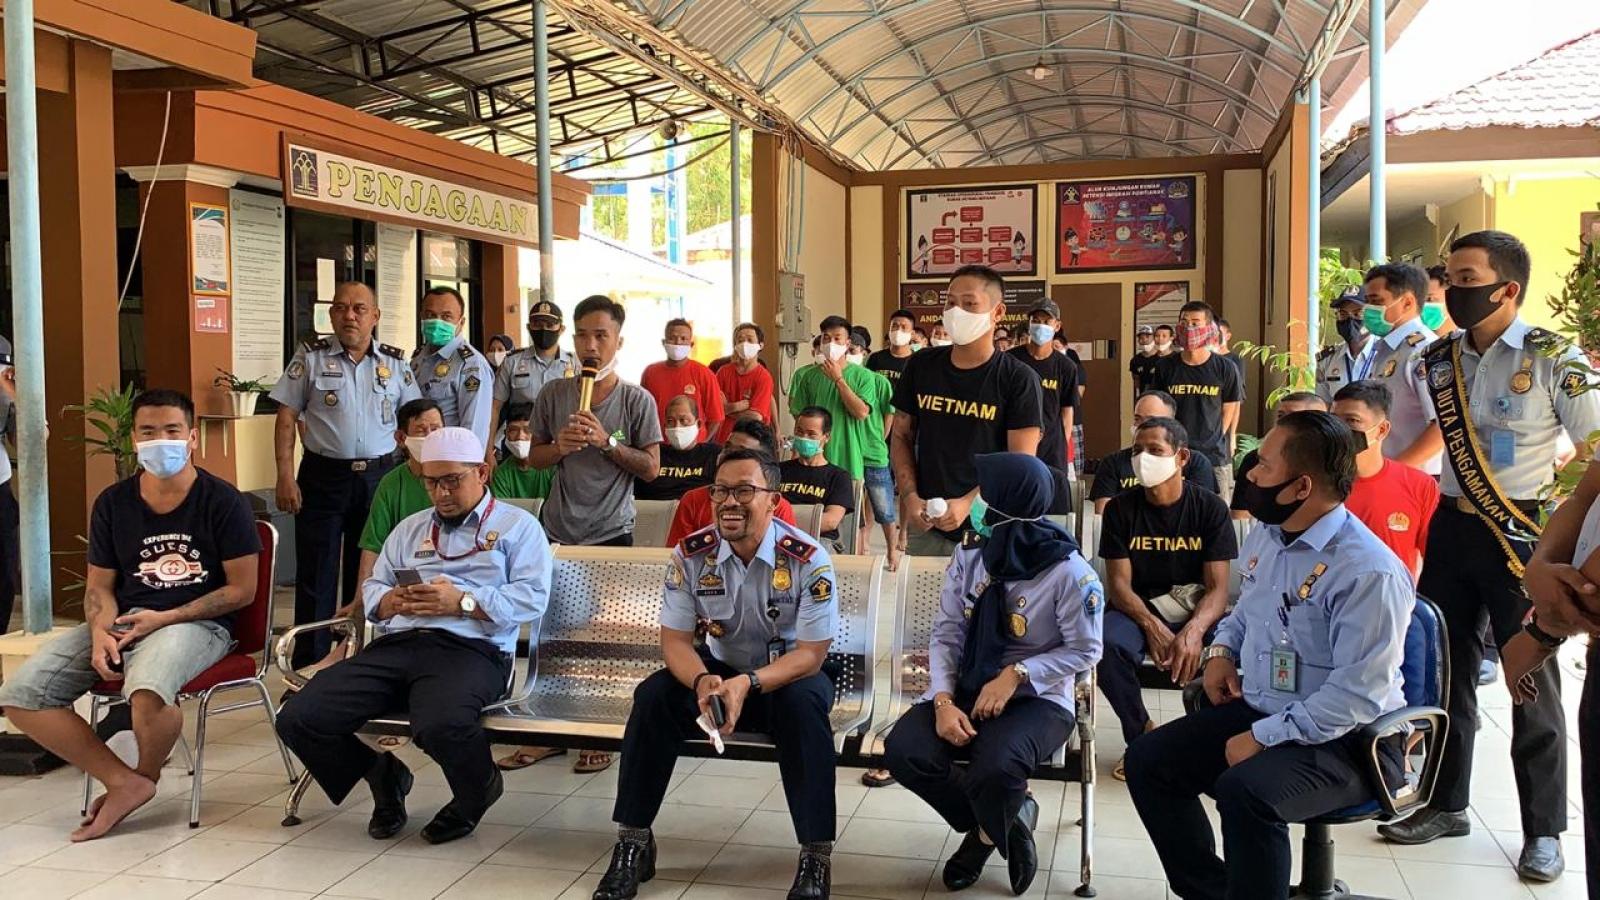 Đại sứ quán Việt Nam tại Indonesia bảo hộ ngư dân đang bị tạm giữ ở Pontianak